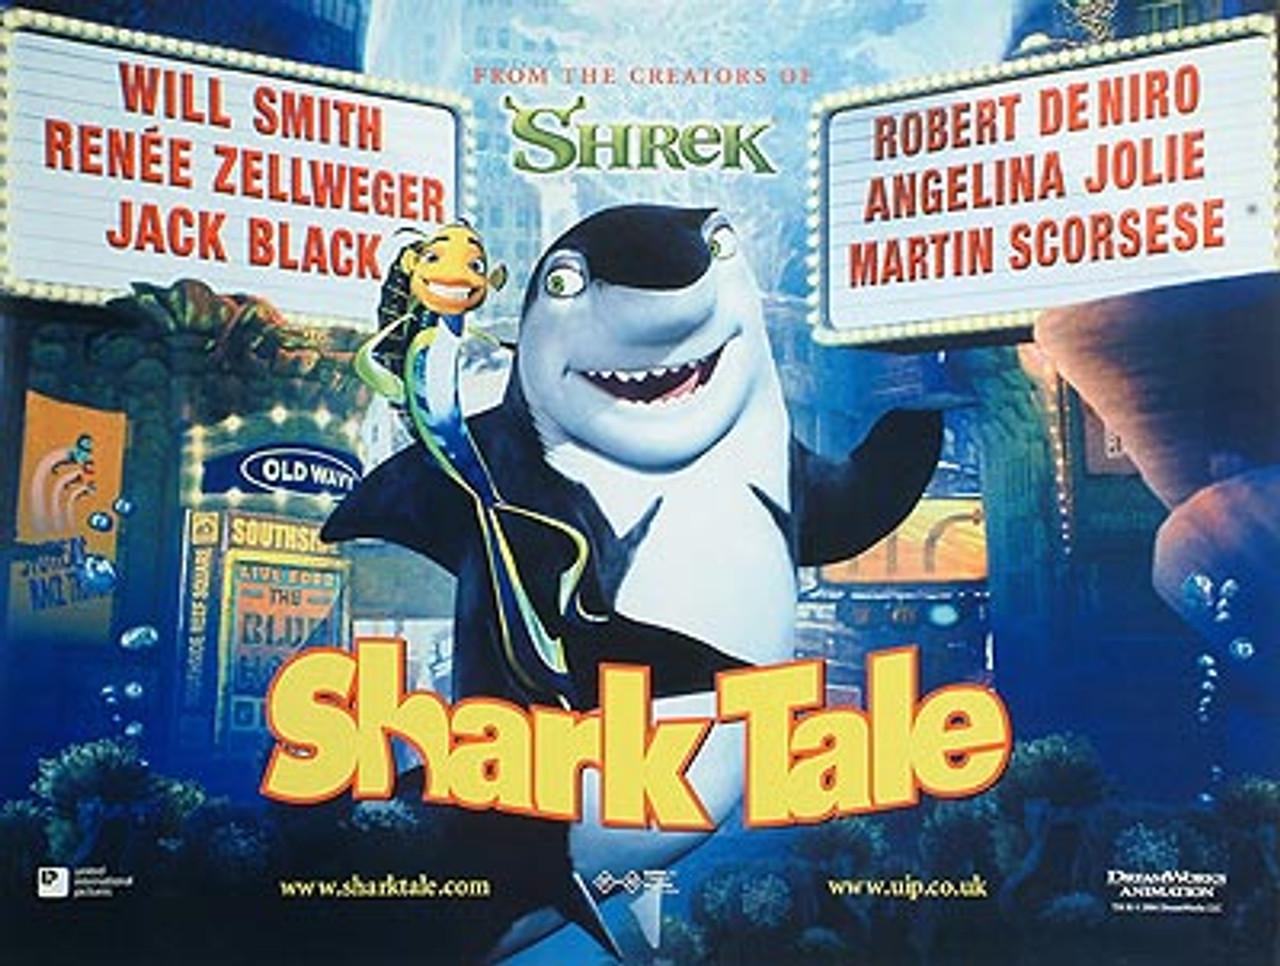 SHARK TALE (Regular) POSTER buy movie posters at Starstills.com ...